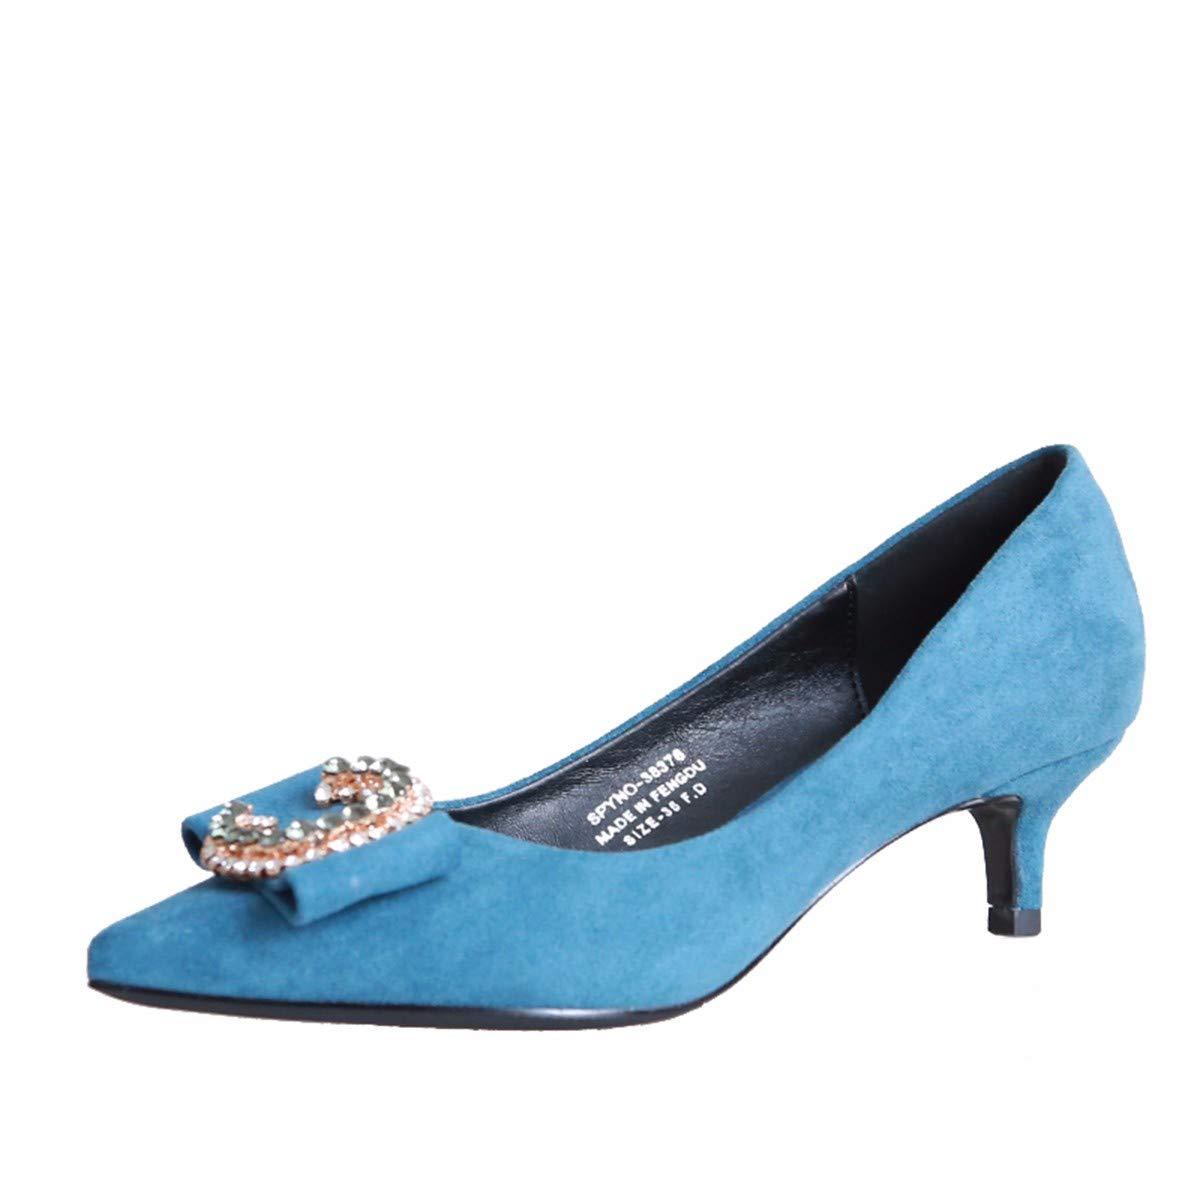 KPHY Damenschuhe/Fliege Mitten Im Herbst Wildleder Sagte Ferse Schuhe Mode Bohrer Flachen Mund Schöne Schuhe.36 Blau